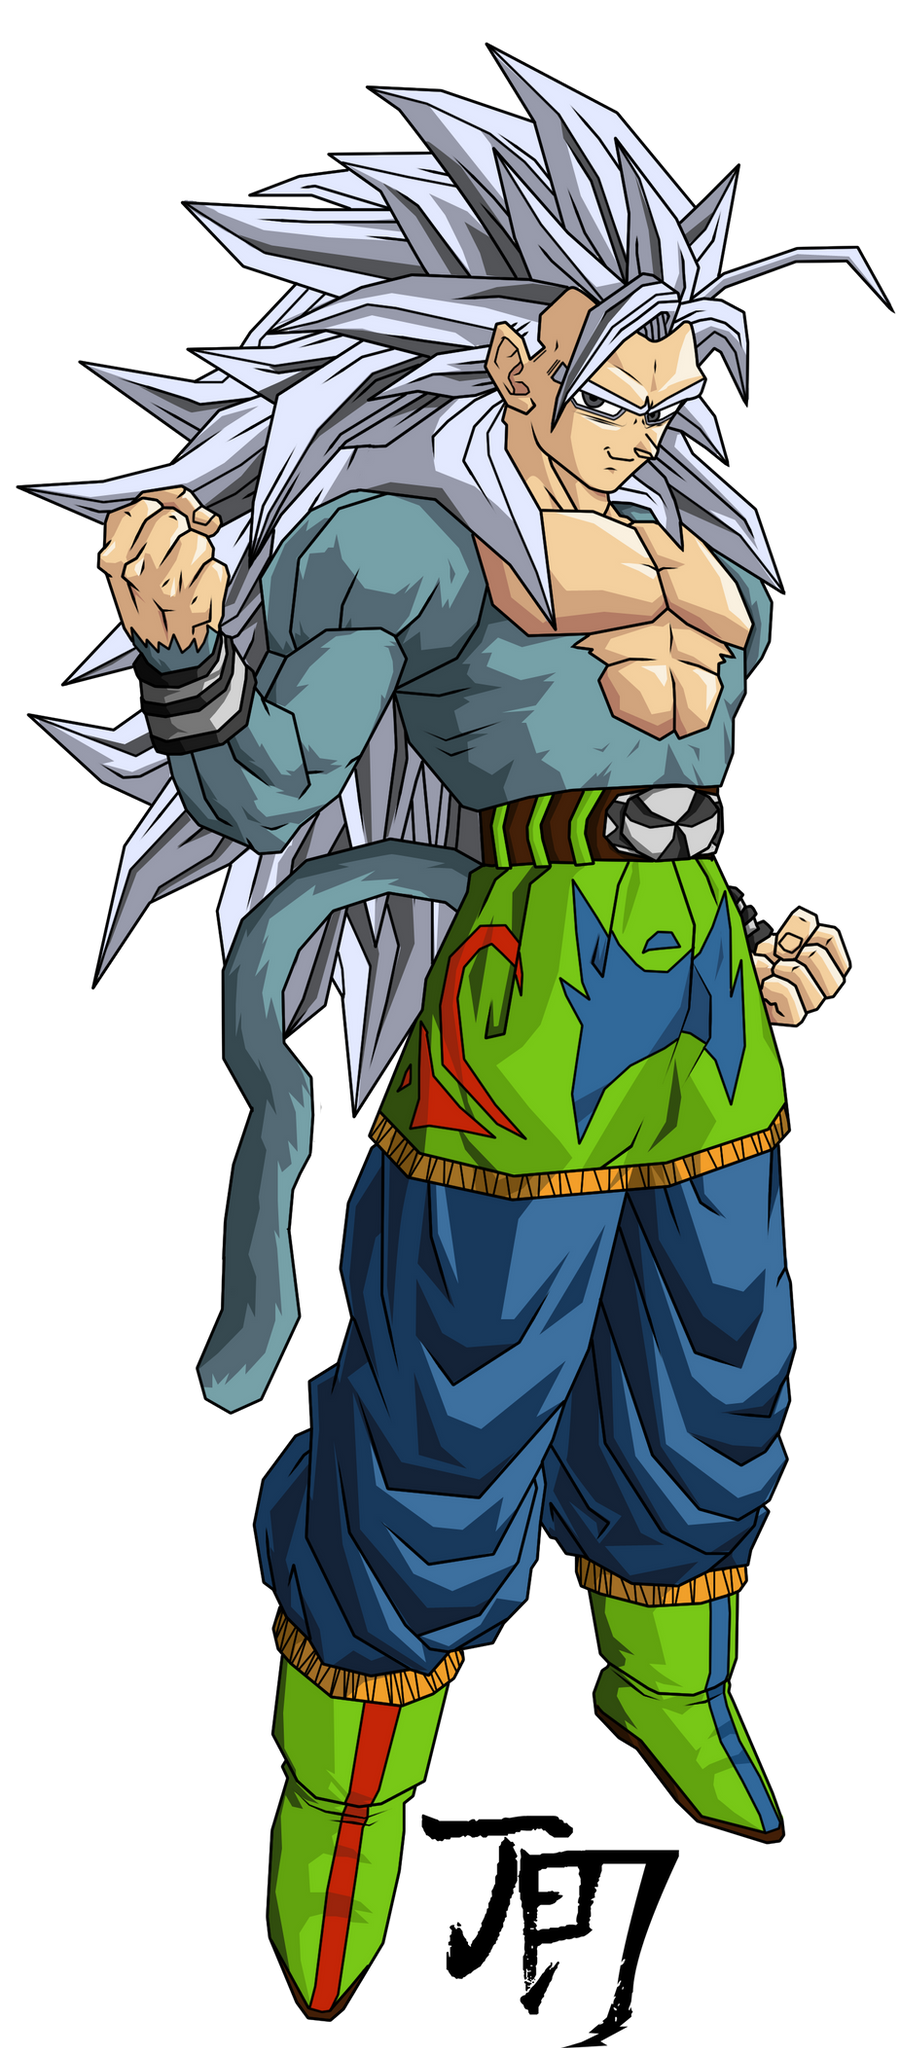 Ultimate Goku SSJ5 T.A. by jeanpaul007 on DeviantArt